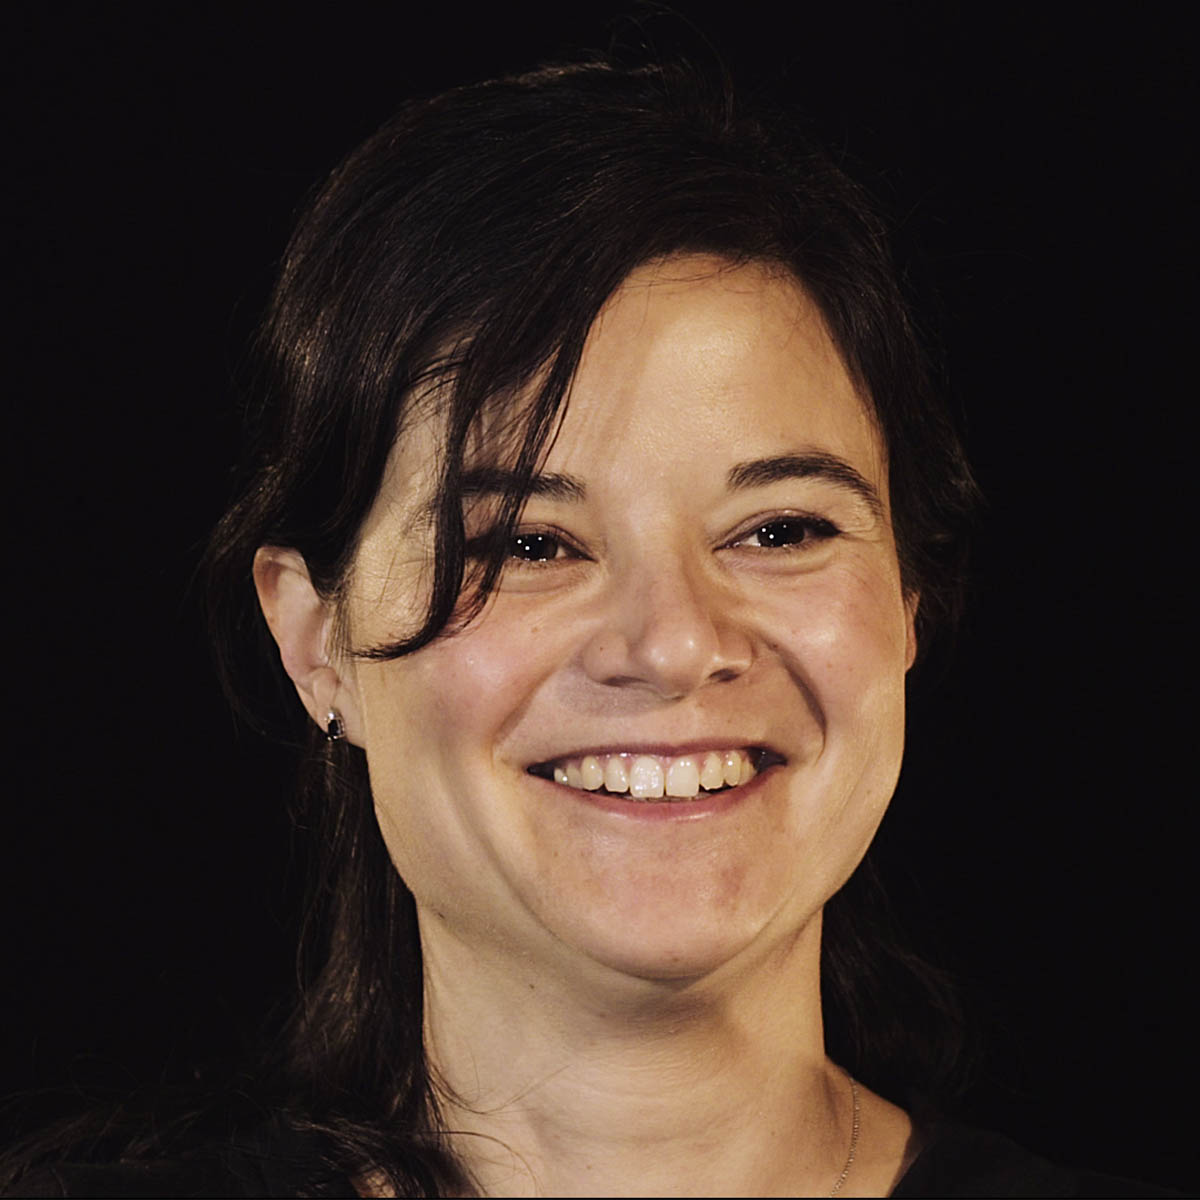 Cecilia Albertani